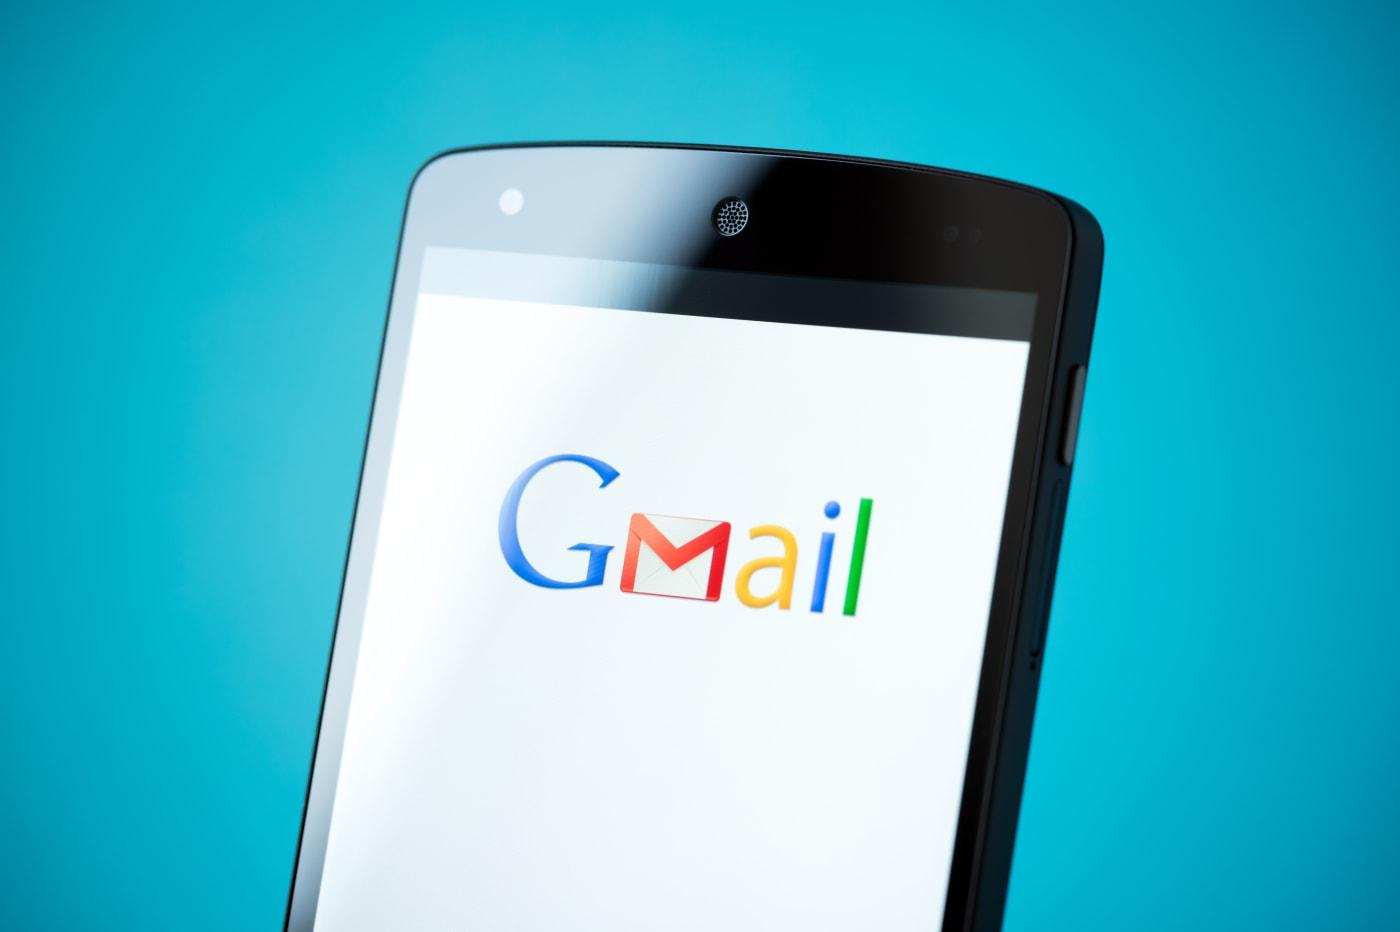 Android 版 Gmail 终于支持 Exchange 账户了